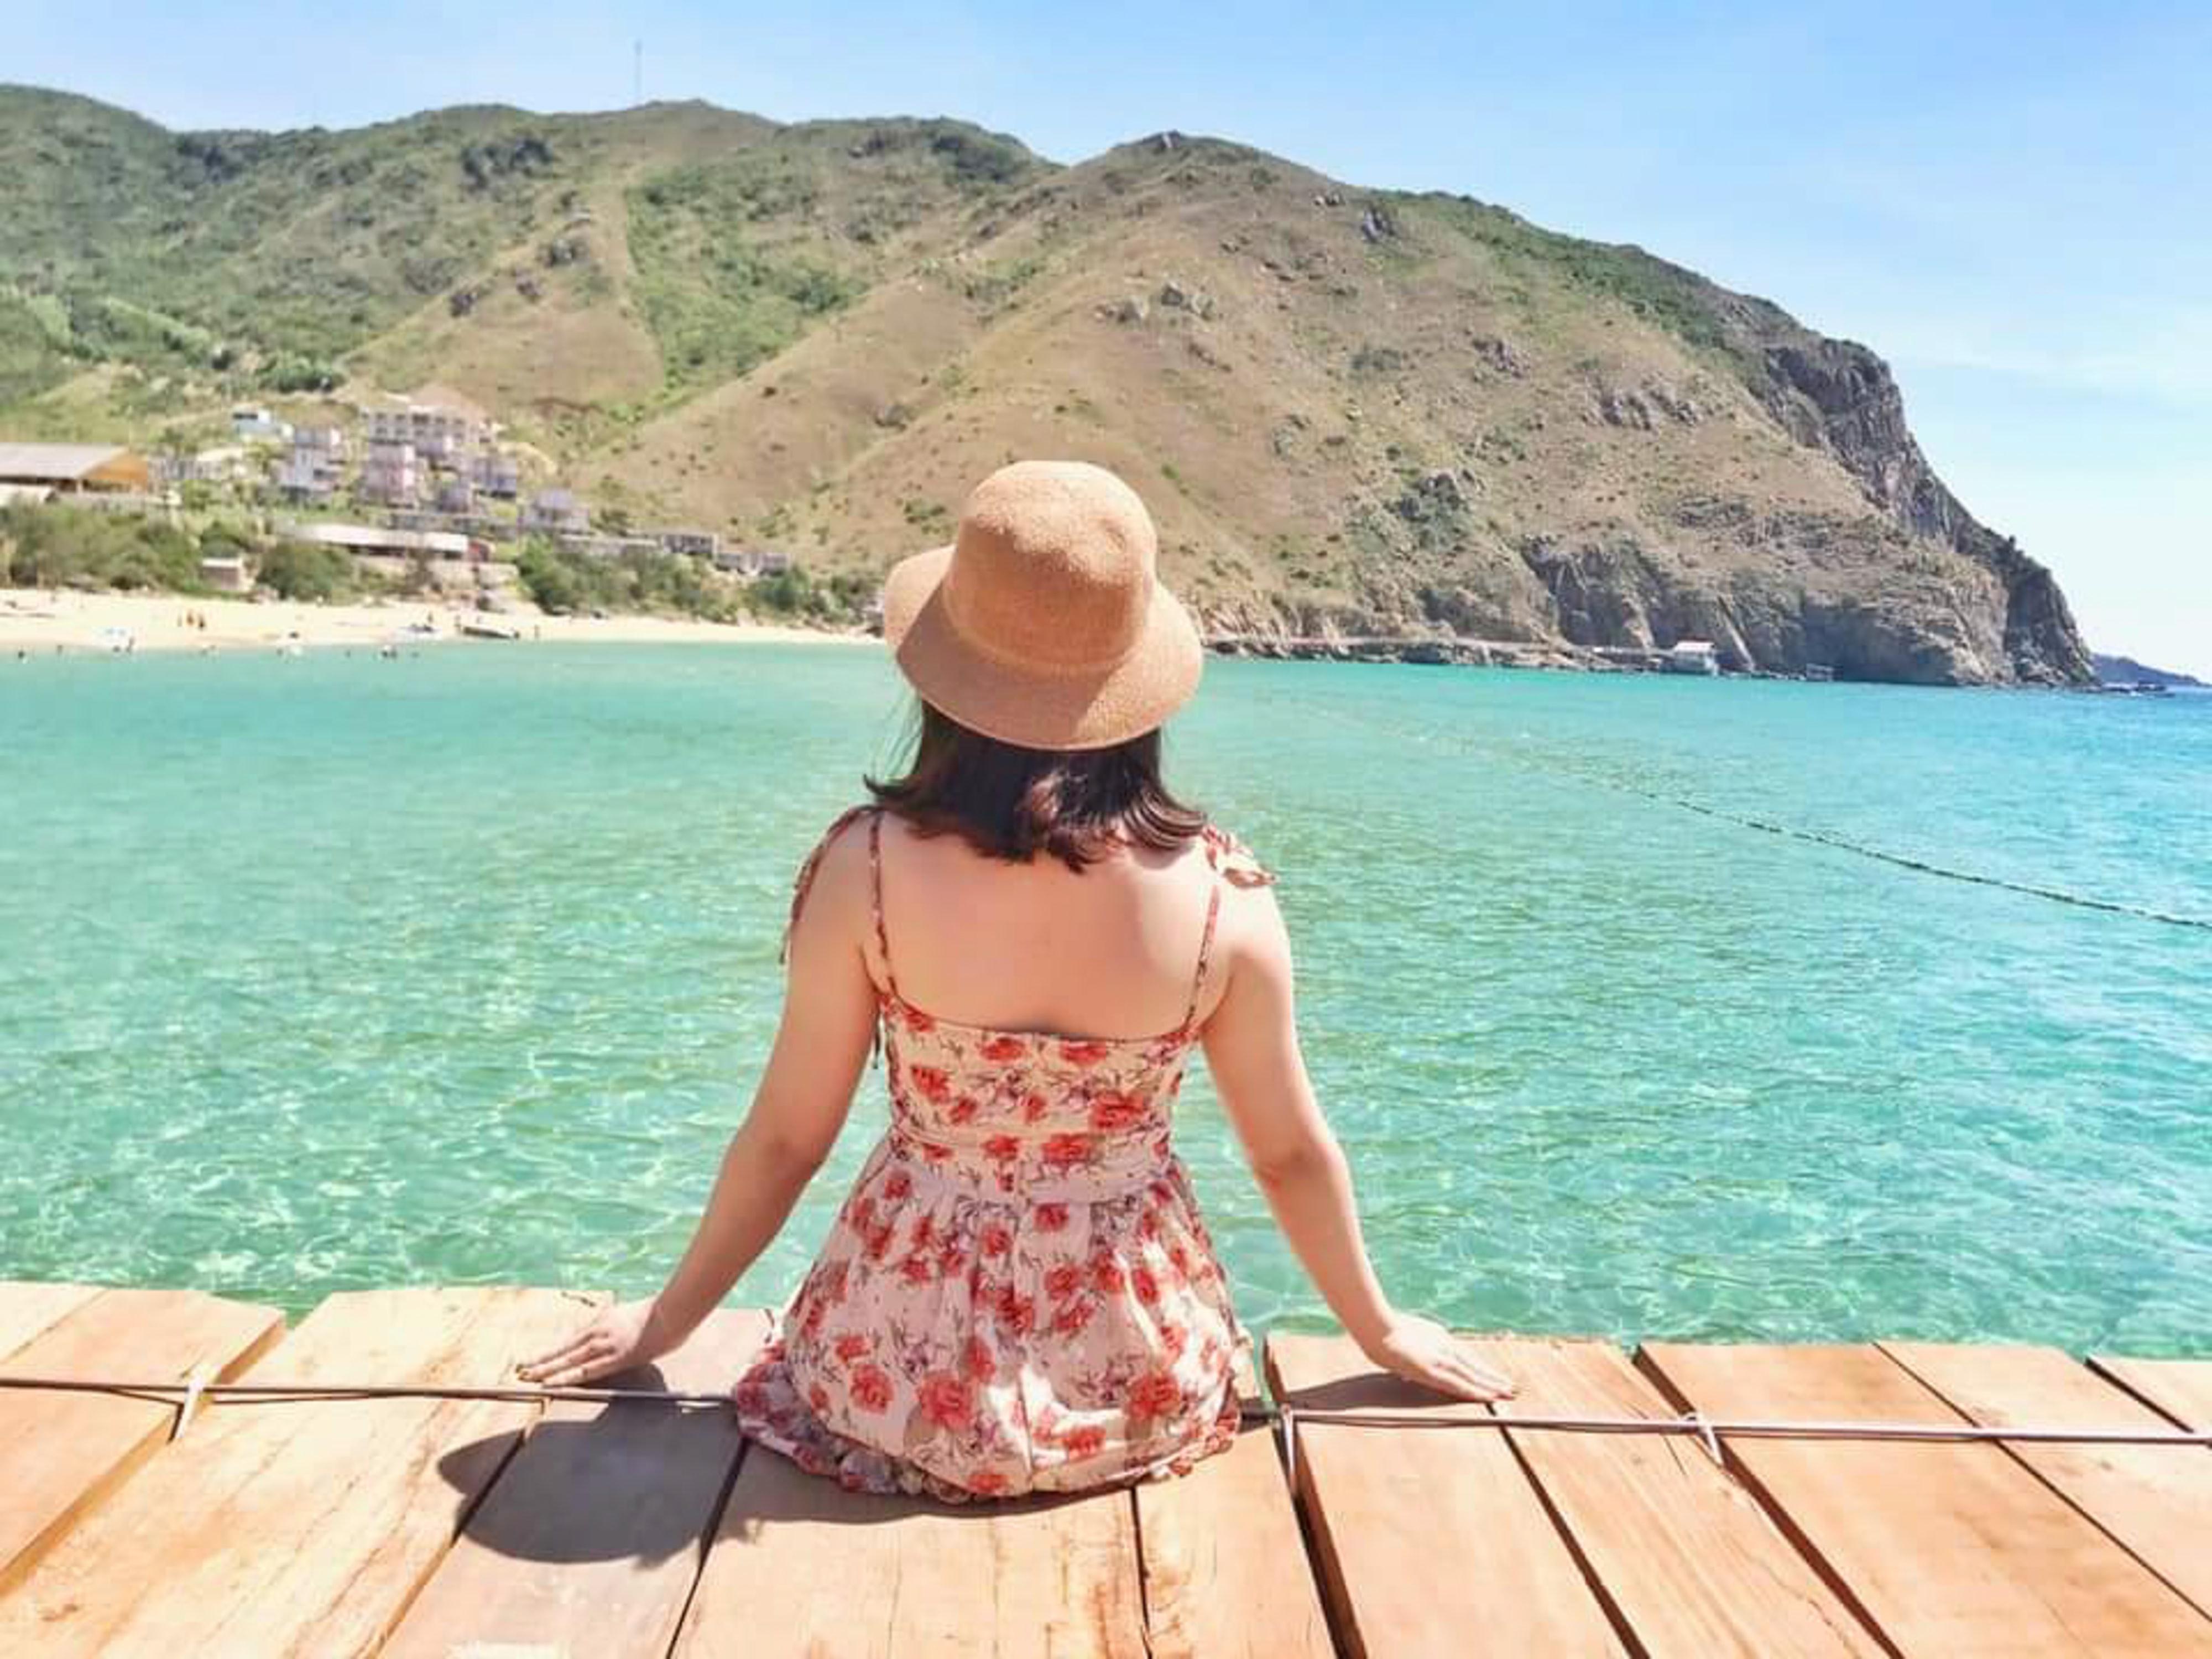 Turistas europeus preferem férias em locais isolados